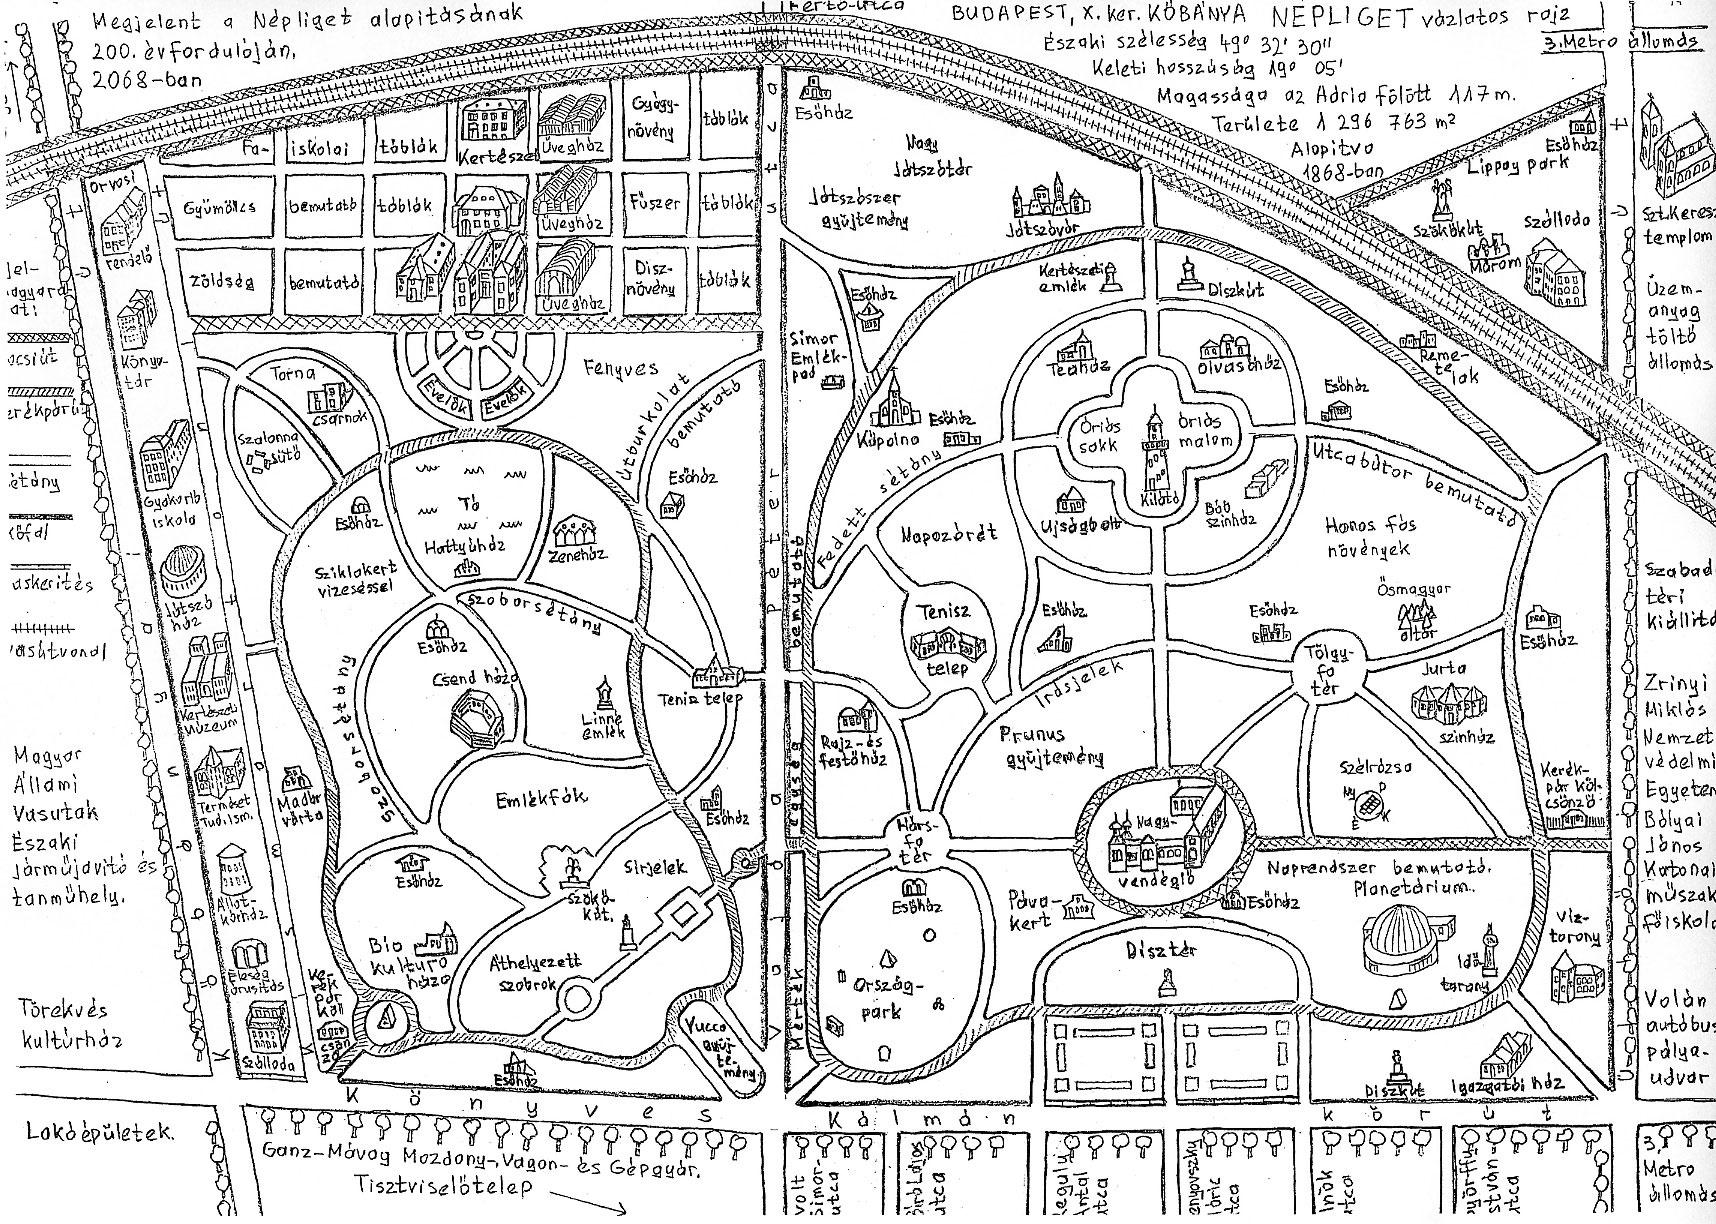 Pesti László kézzel rajzolt térkép-utópiája a 2068-ban 200 éves Népligetről >> nagy felbontásban